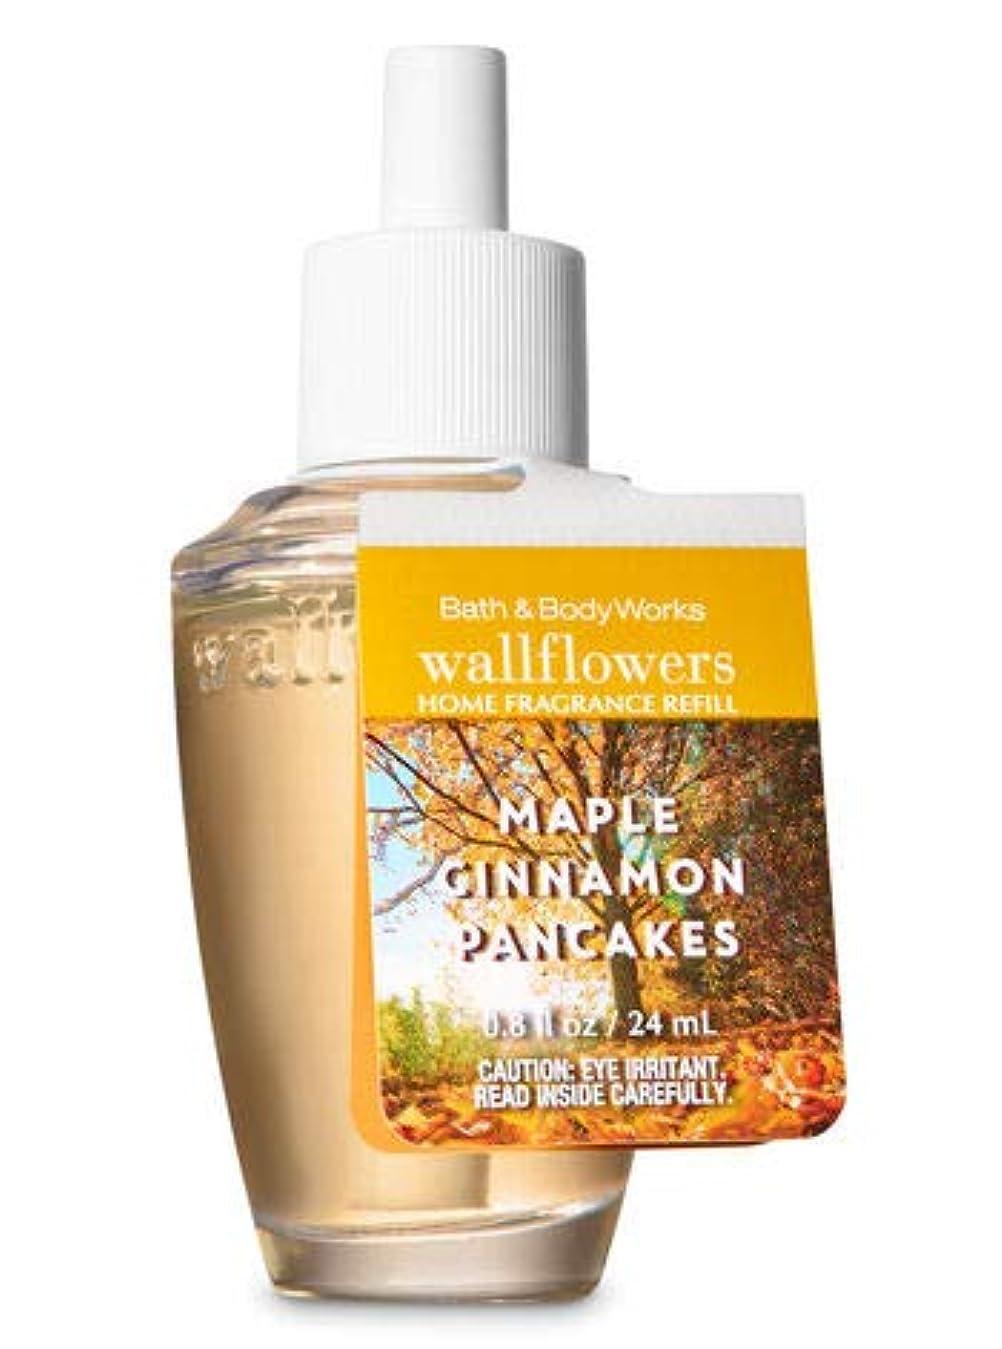 スーツケースほとんどない嘆願【Bath&Body Works/バス&ボディワークス】 ルームフレグランス 詰替えリフィル メープルシナモンパンケーキ Wallflowers Home Fragrance Refill Maple Cinnamon Pancakes [並行輸入品]